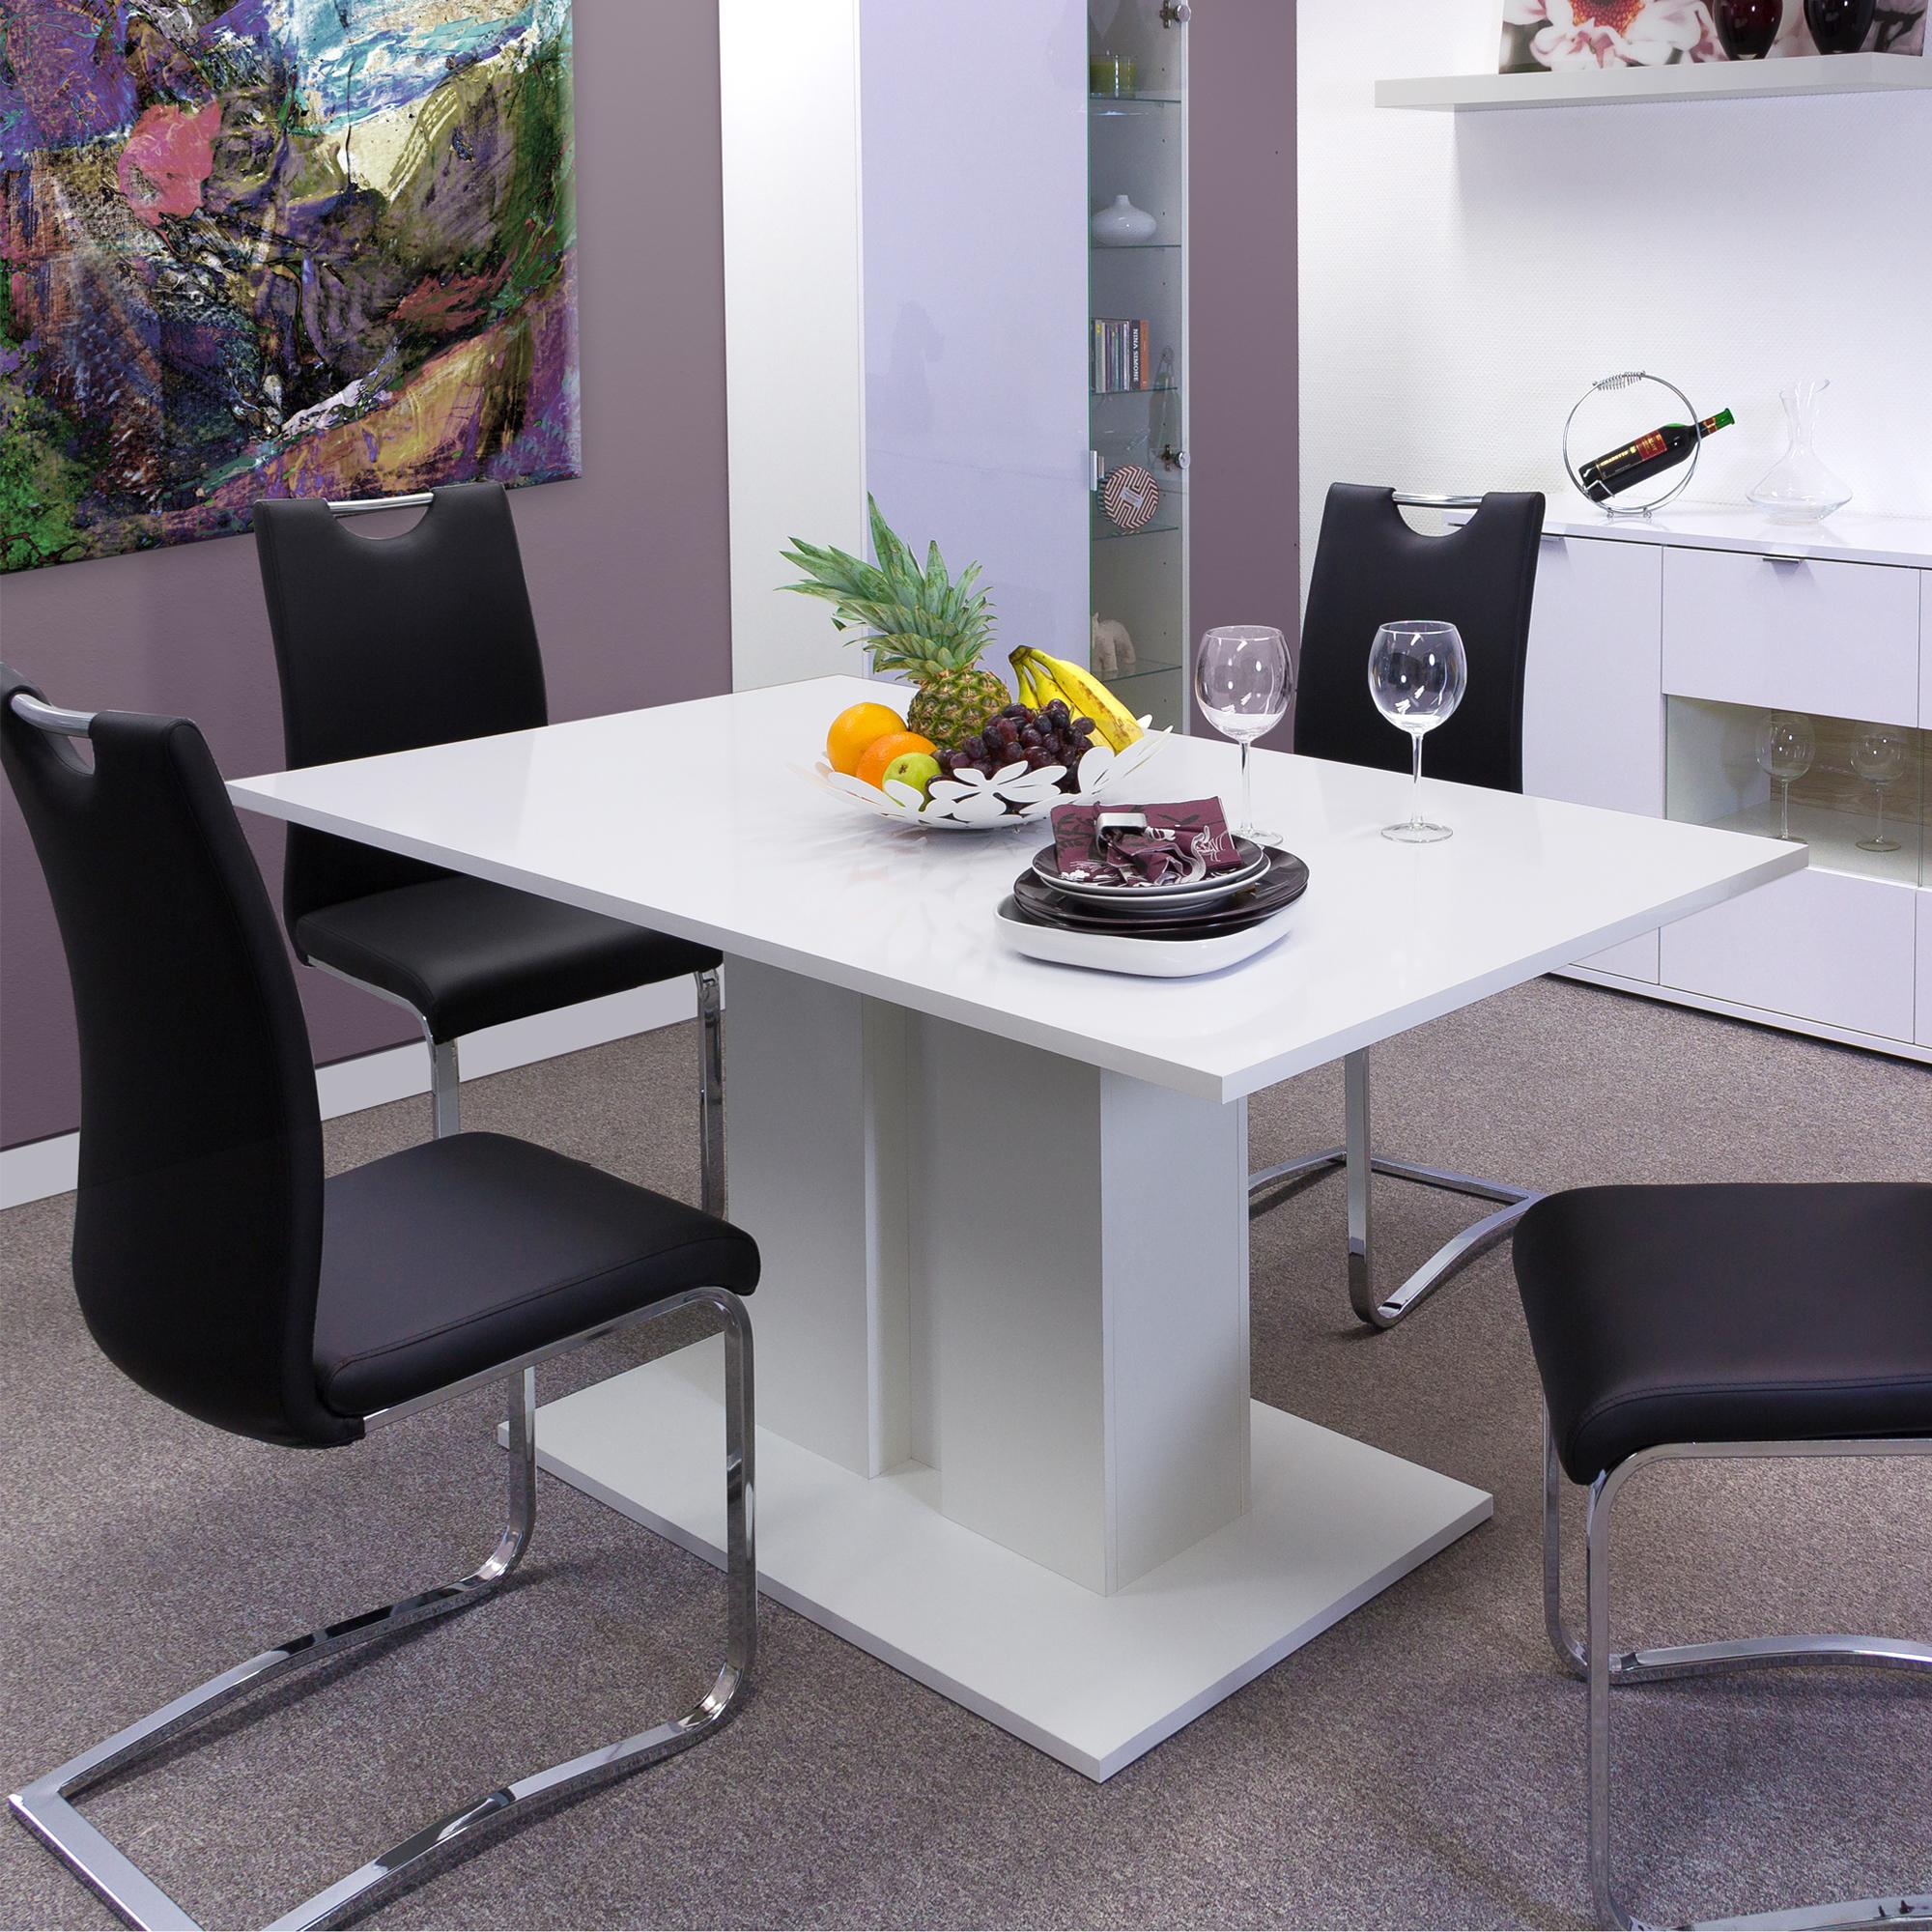 esstisch marie tischplatte 160 x 80 cm hochglanz wei wohnen esstische. Black Bedroom Furniture Sets. Home Design Ideas